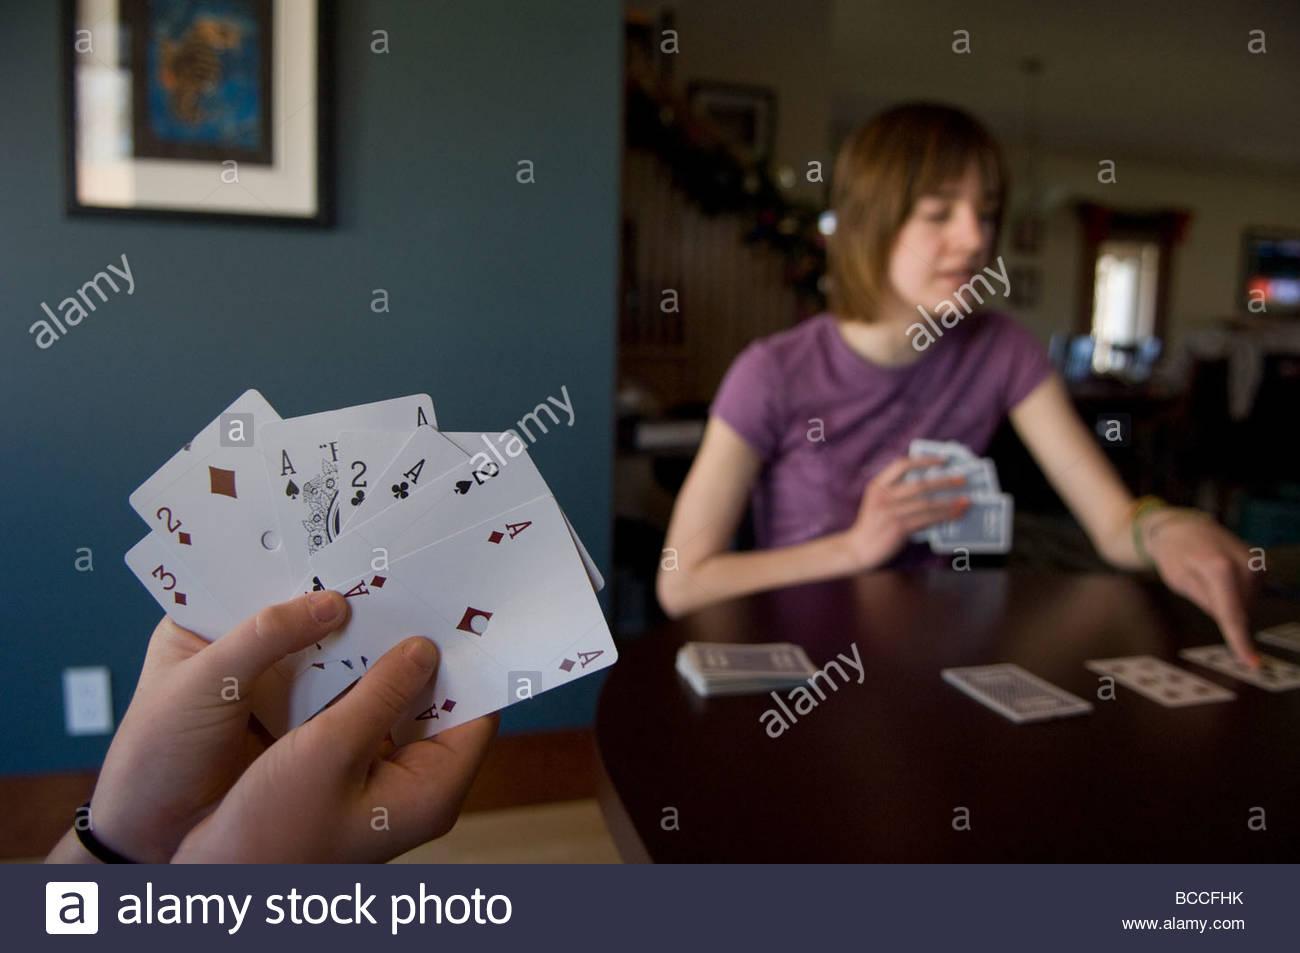 Une jeune fille de 14 ans joue Solitaire. Photo Stock